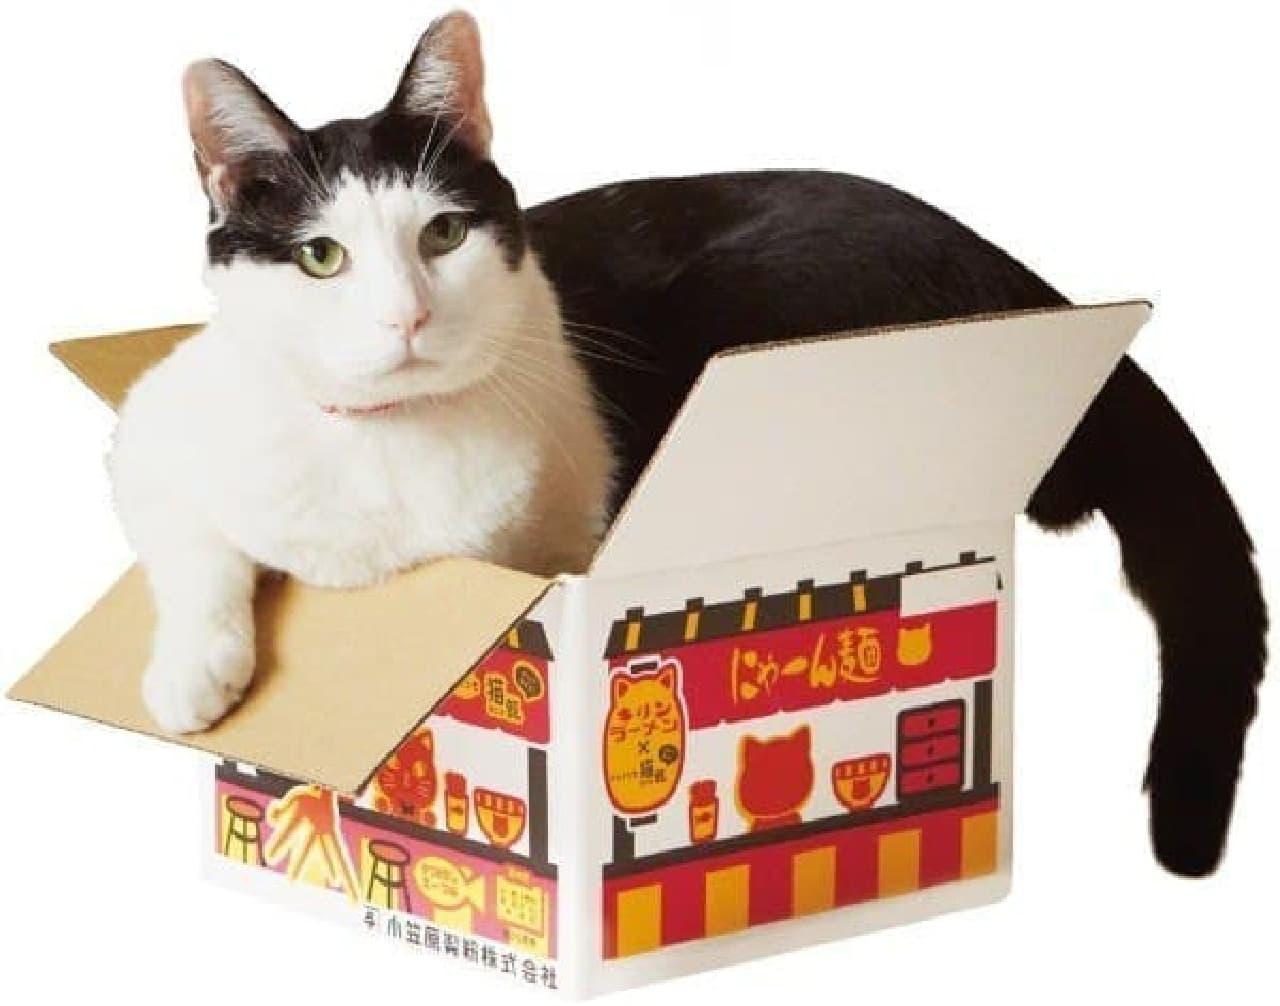 猫ちゃんは食べられません!